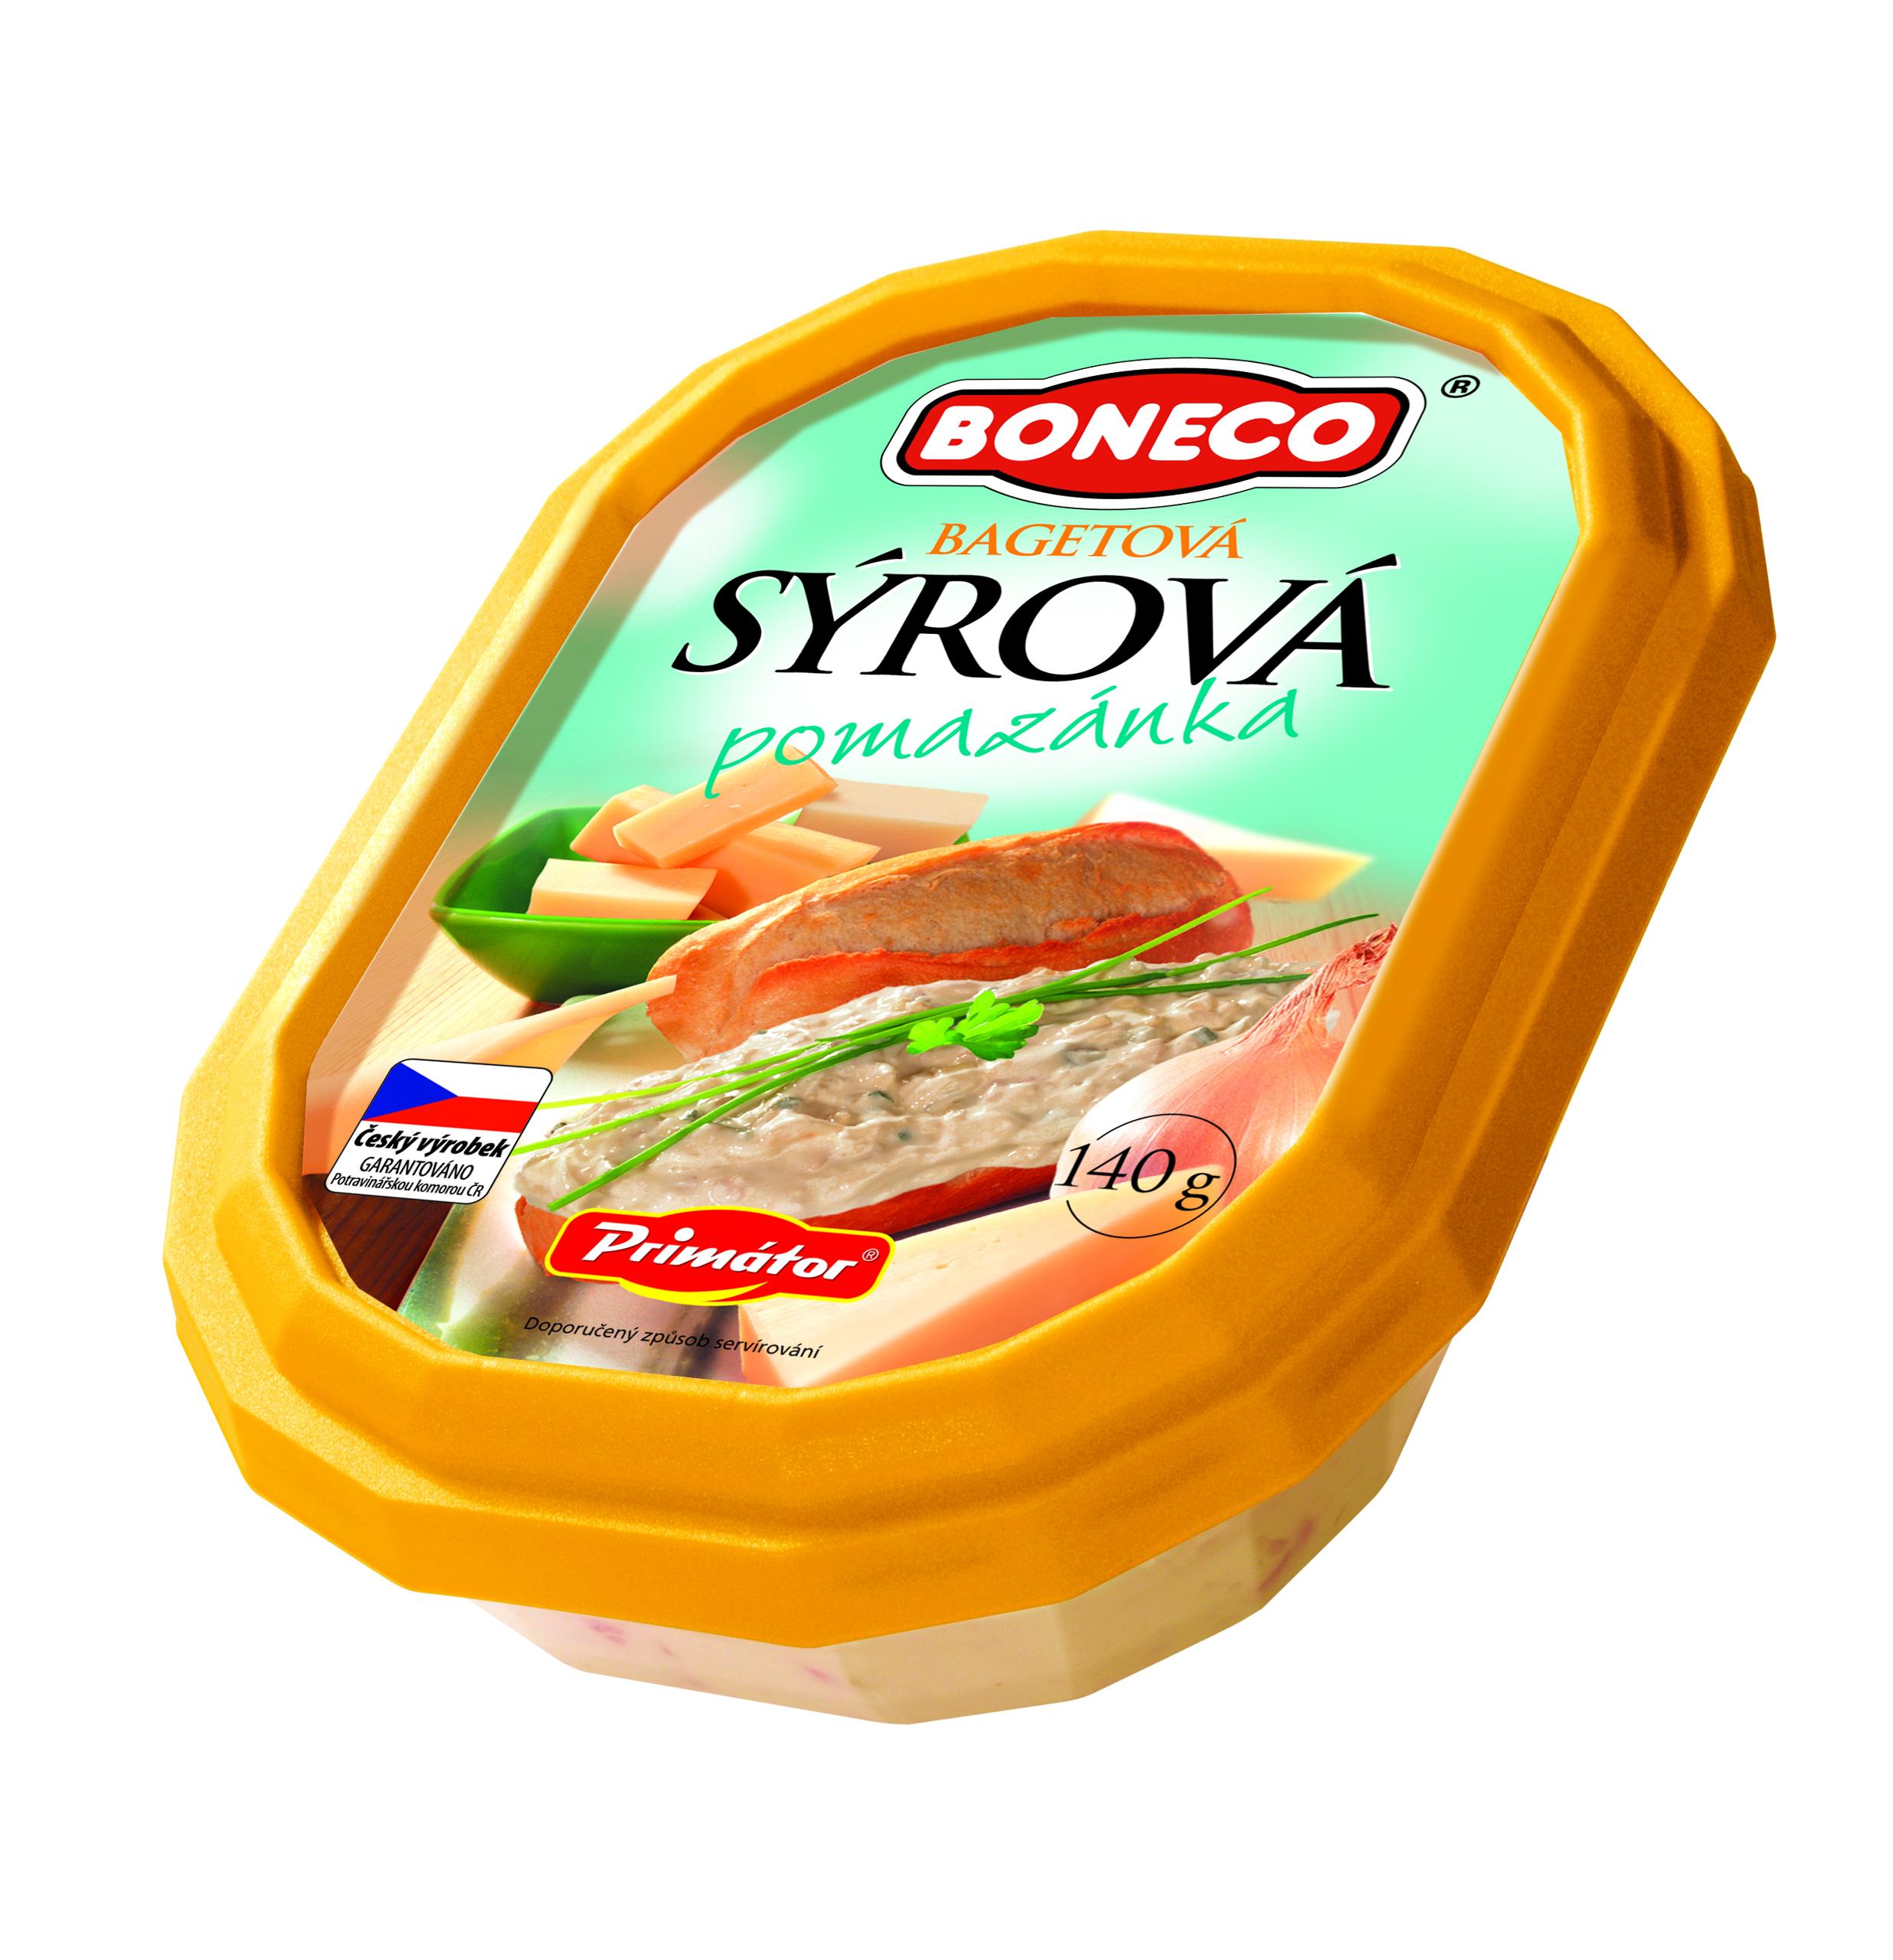 Značka Bagetová sýrová pomazánka